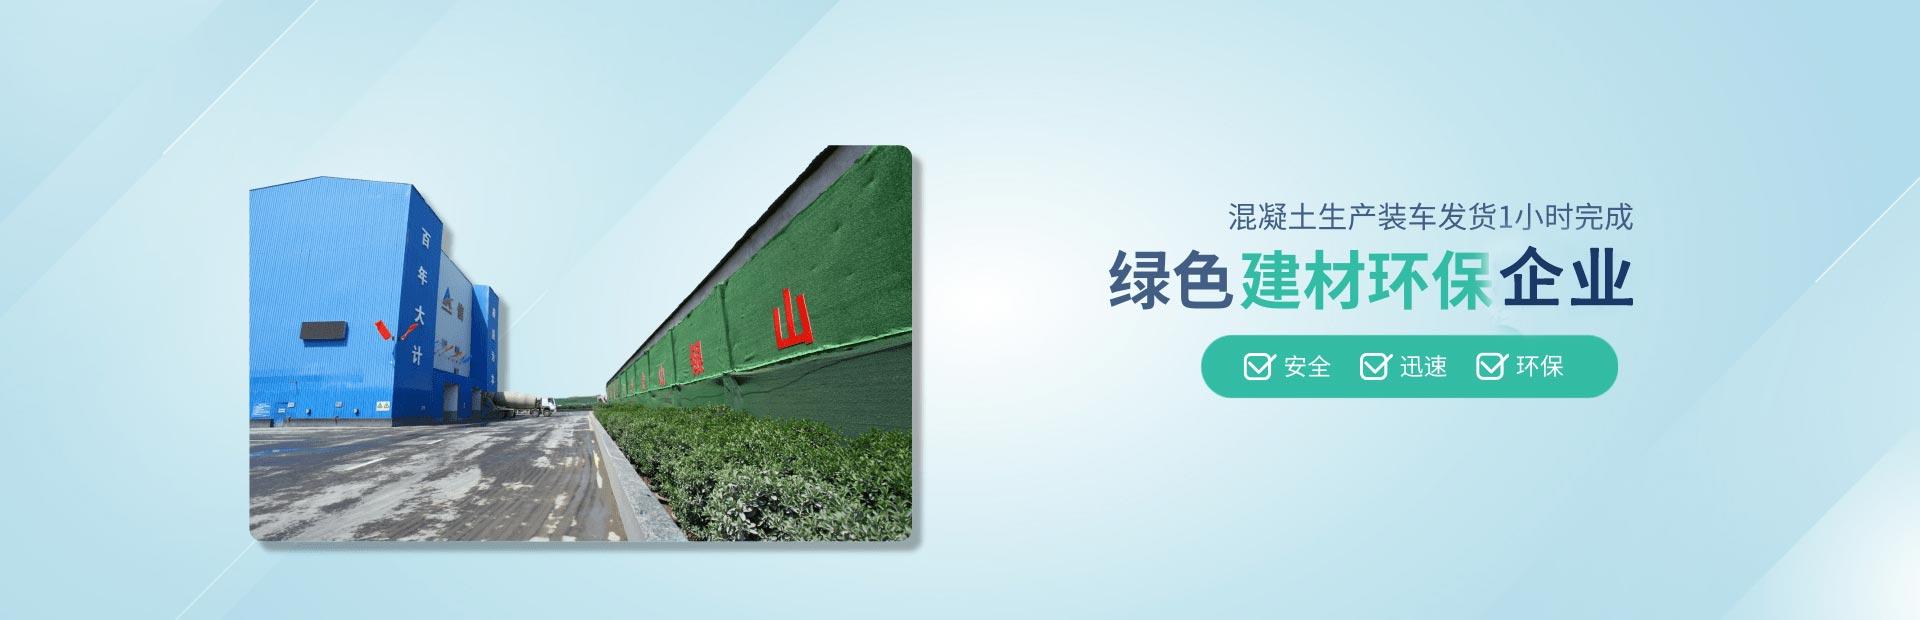 安信混凝土郑州混凝土绿色标杆企业